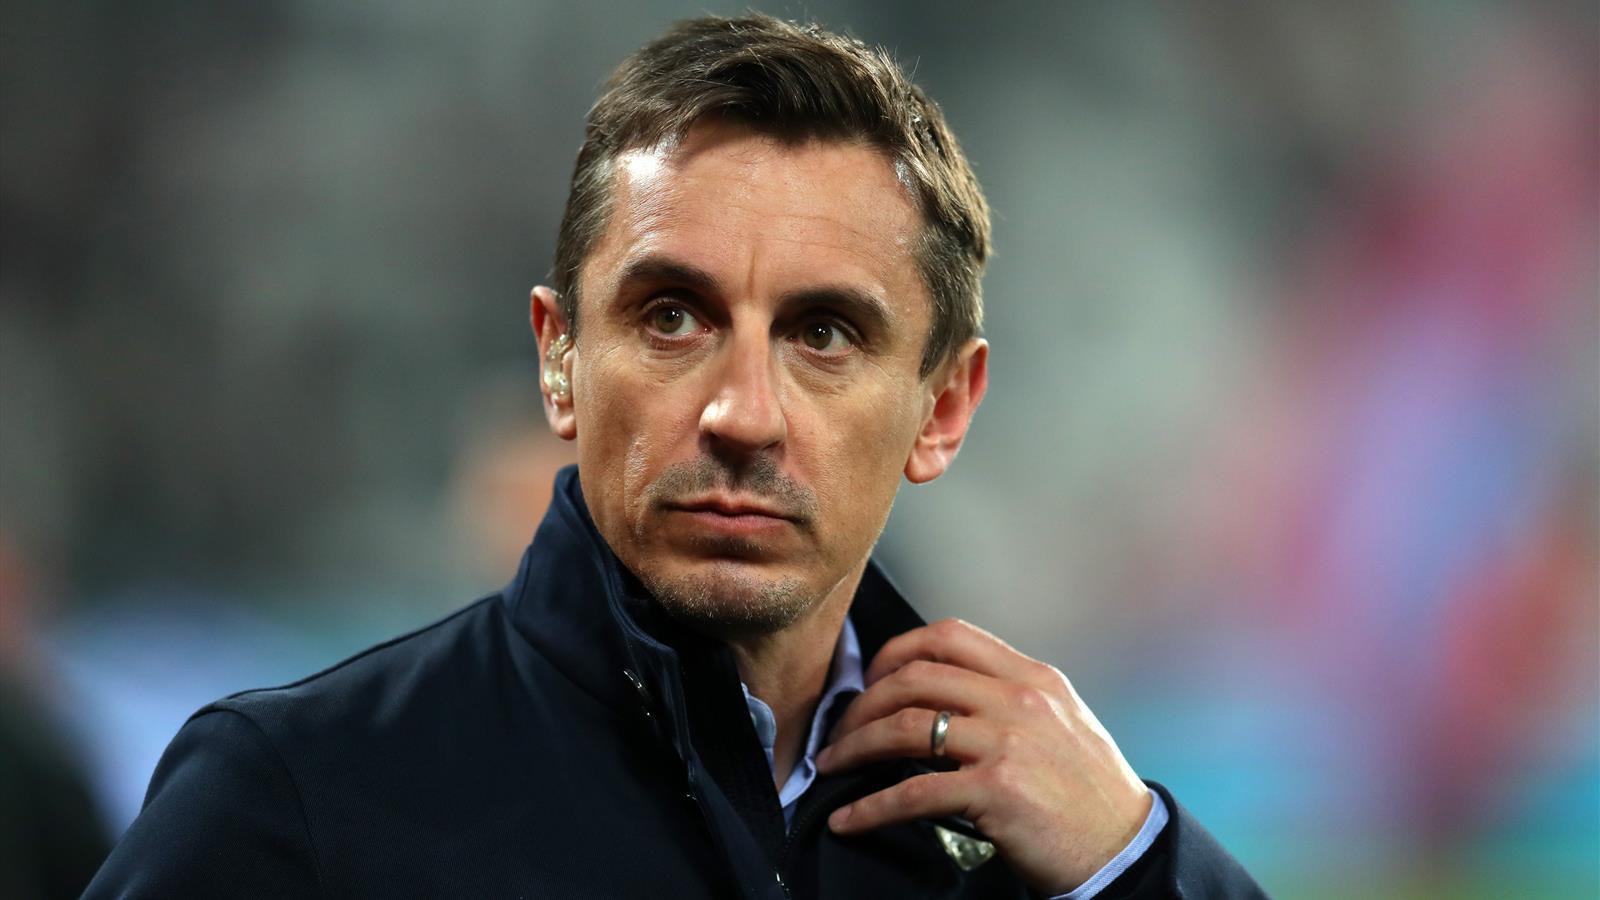 Cựu ngôi sao của Manchester United, Gary Neville không thể chấp nhận sự lựa chọn của câu lạc bộ cũ của mình để tham gia UEFA Super League